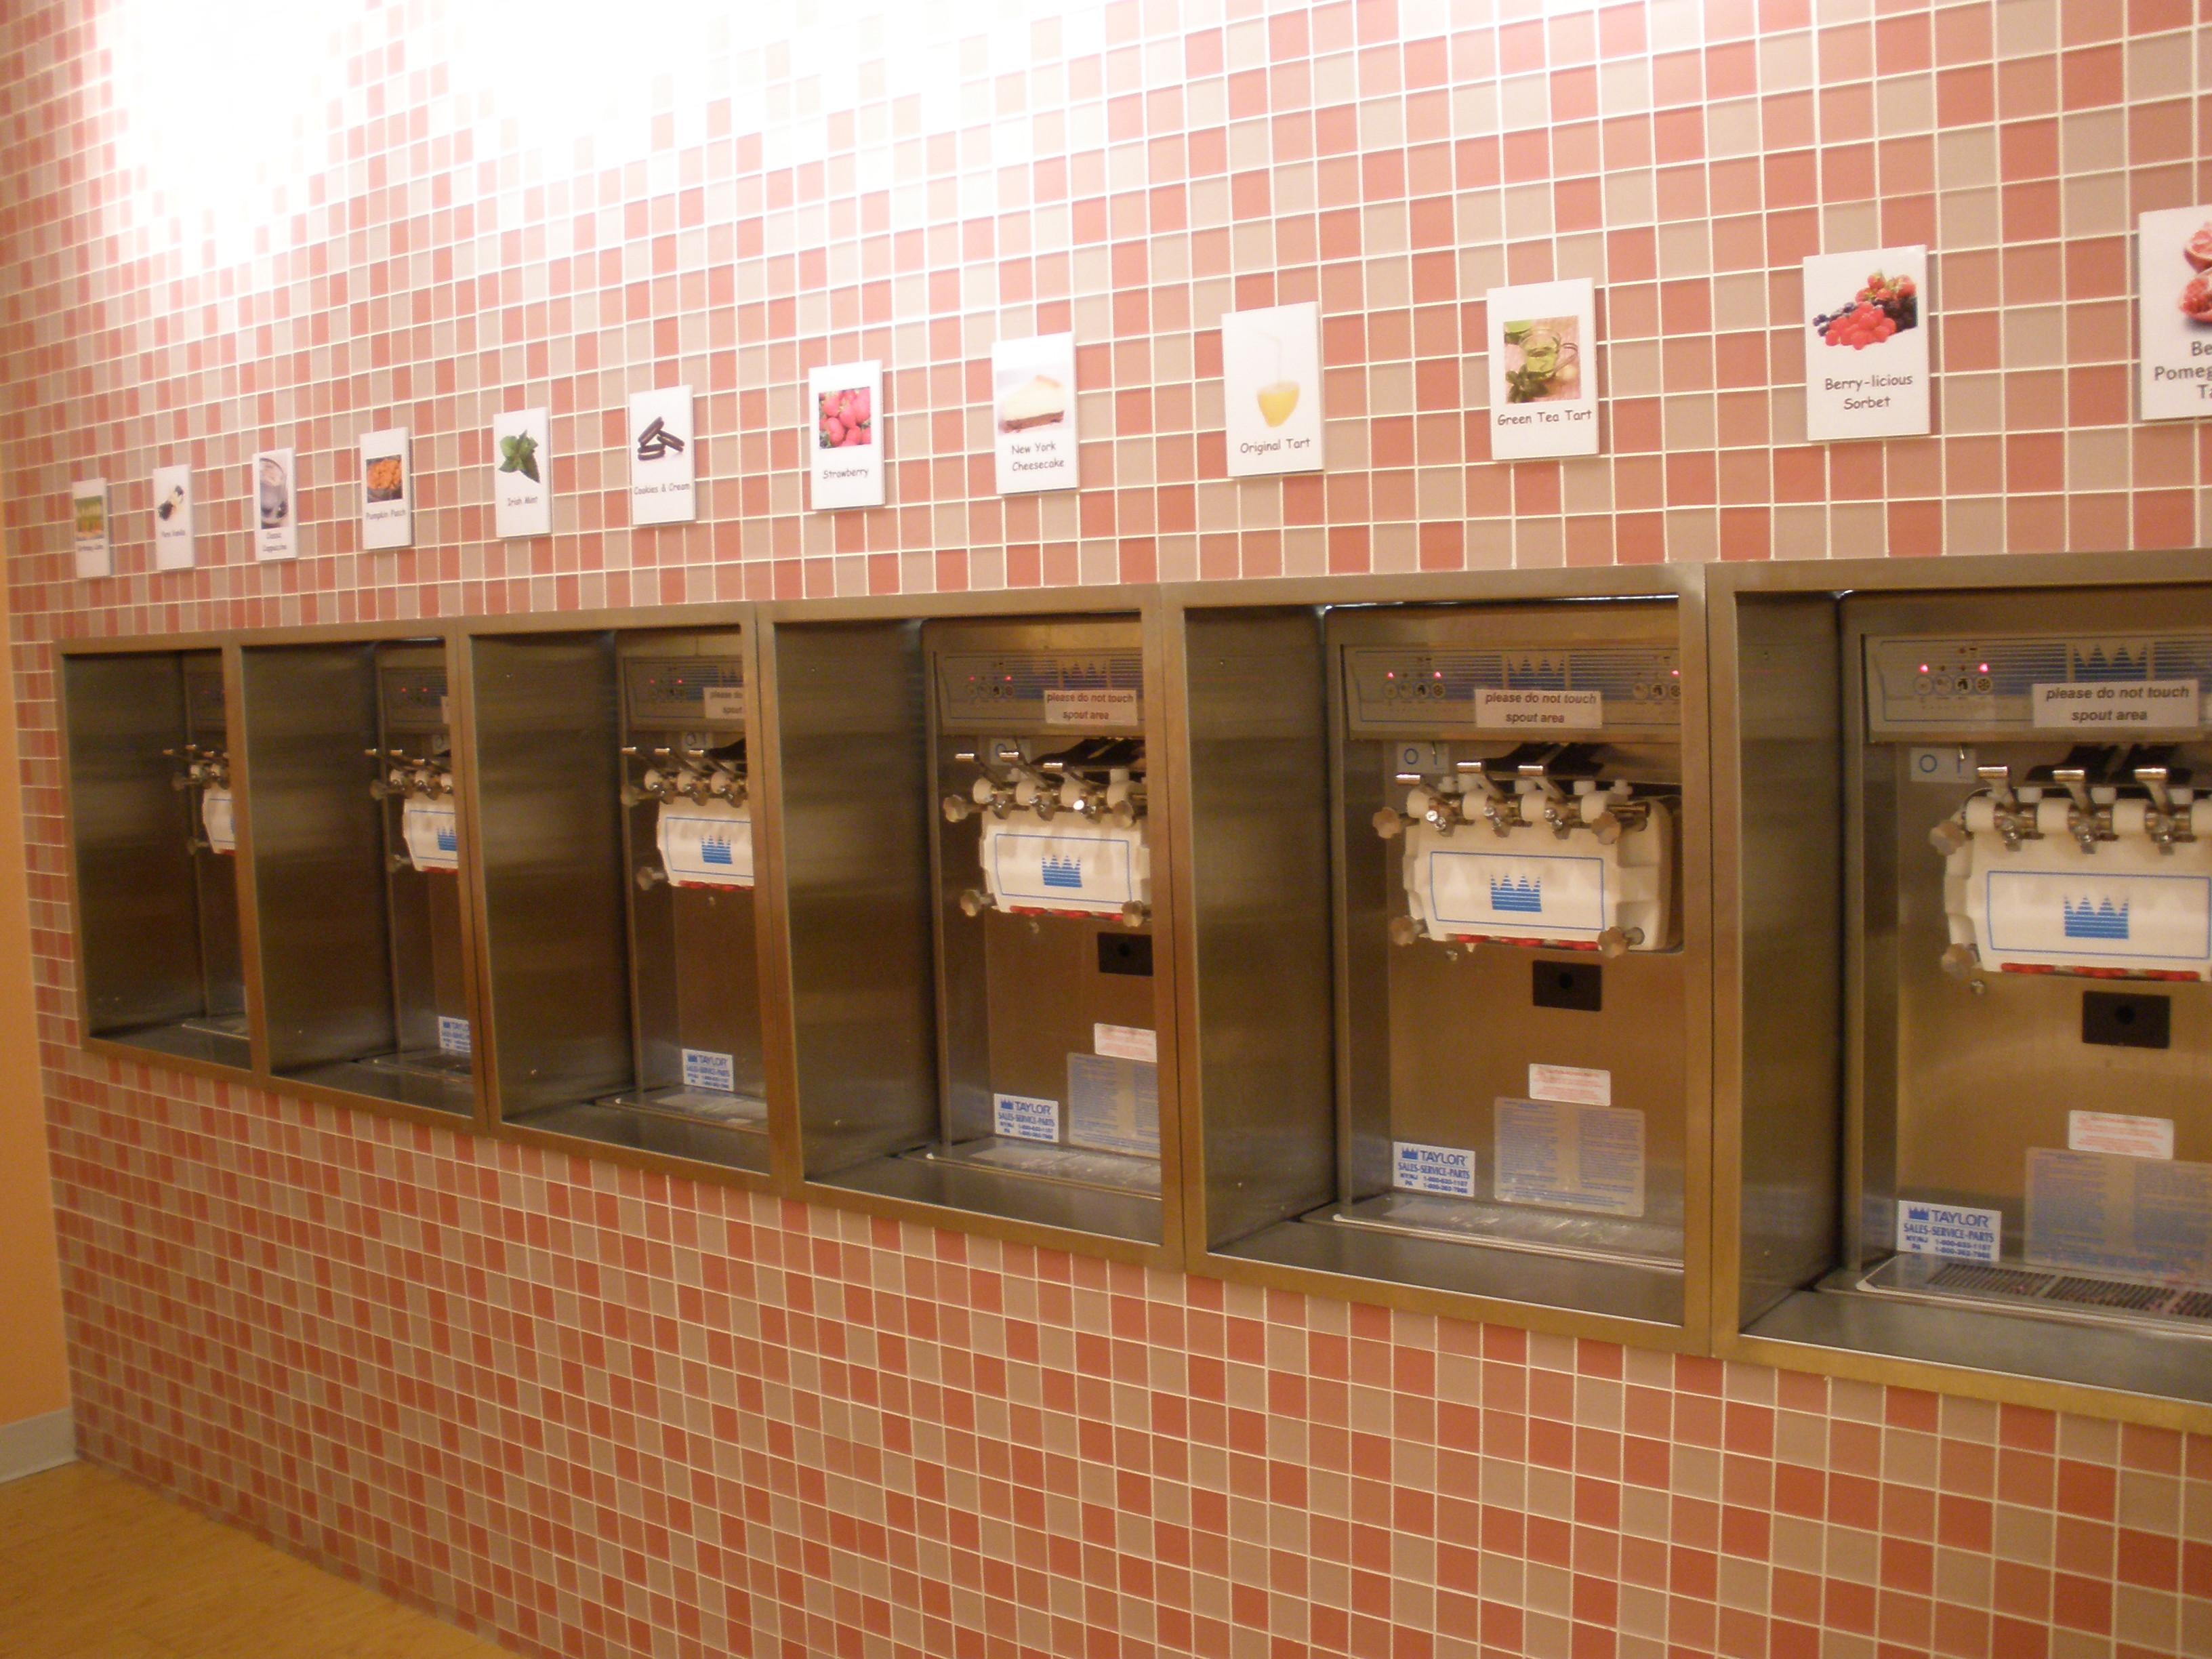 Row of Sprinkles flavors